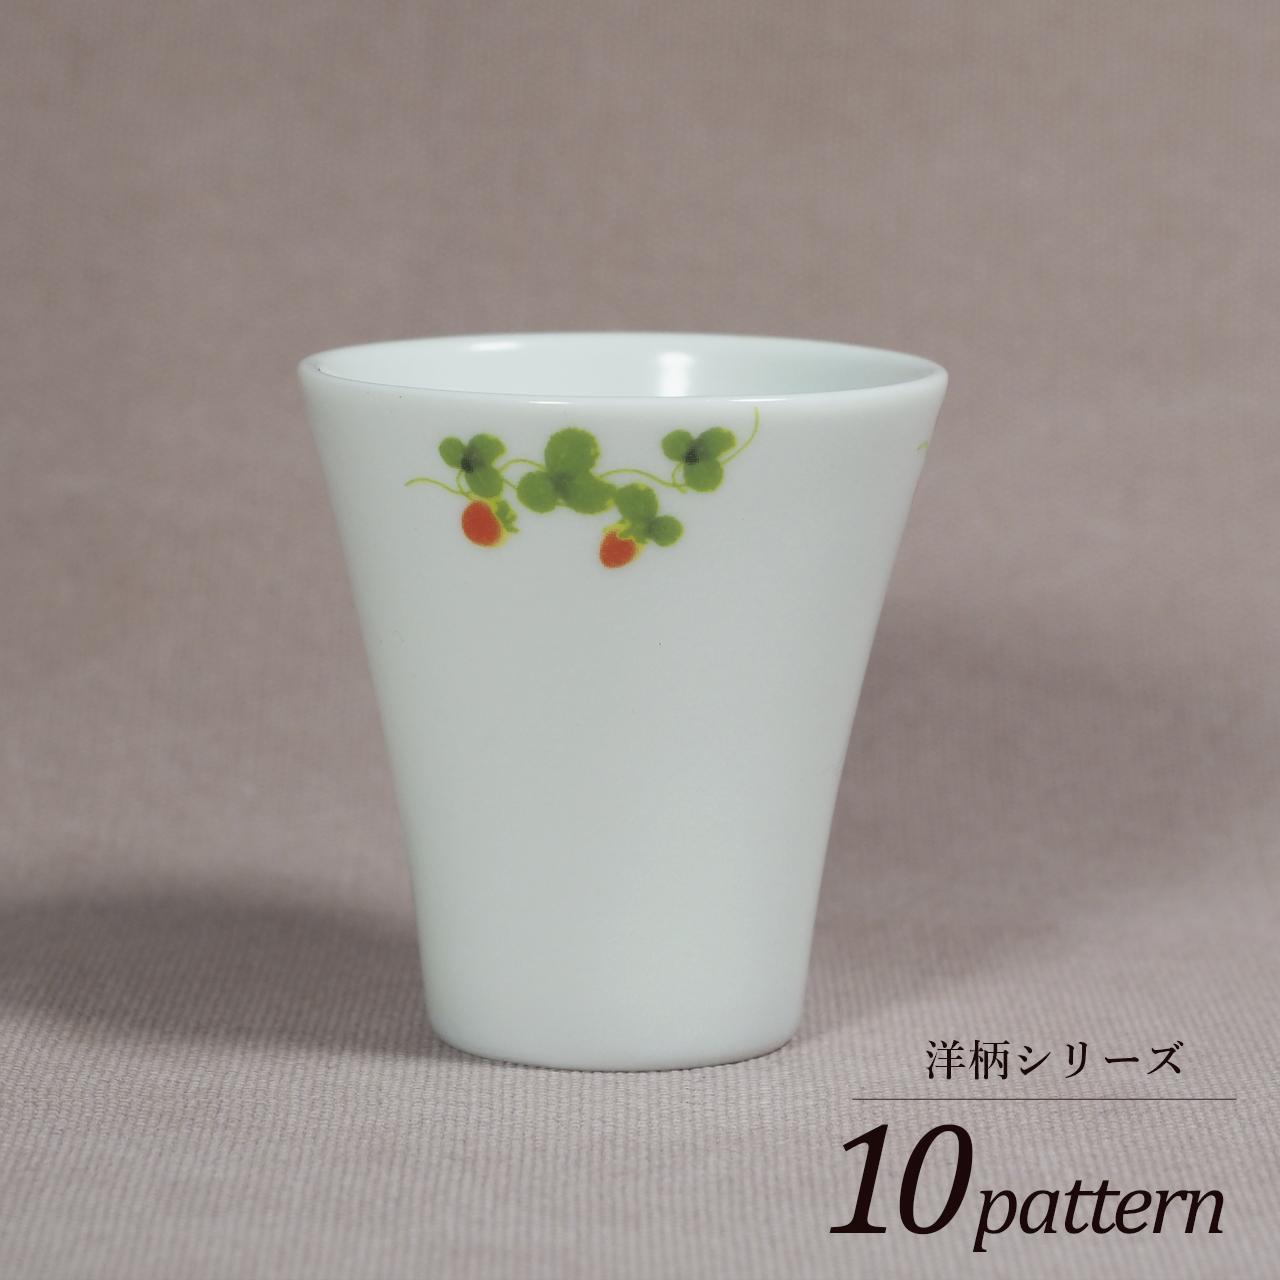 ミニカップ 洋柄シリーズ 10-006-B